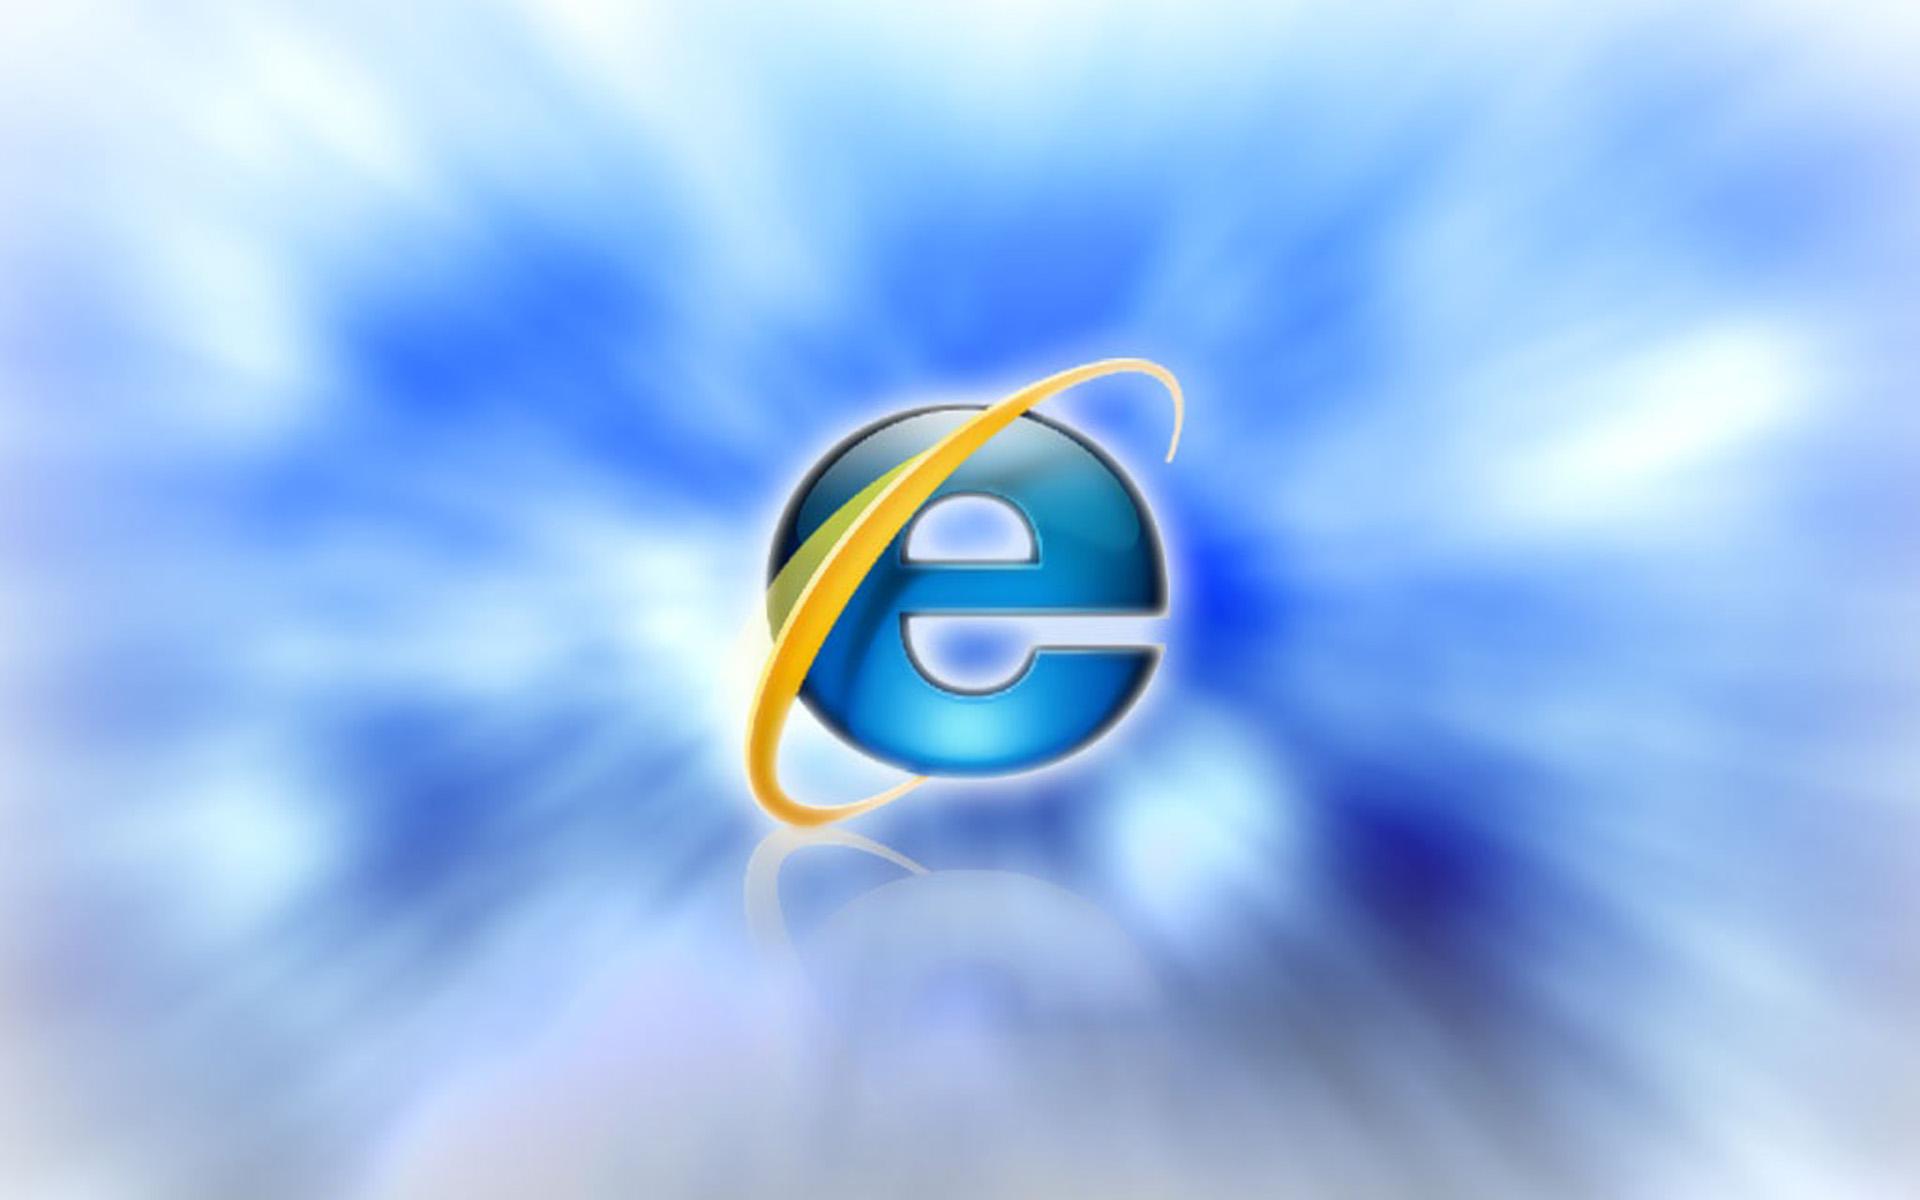 Скачать Internet Explorer (Интернет Эксплорер) 11 rus бесплатно